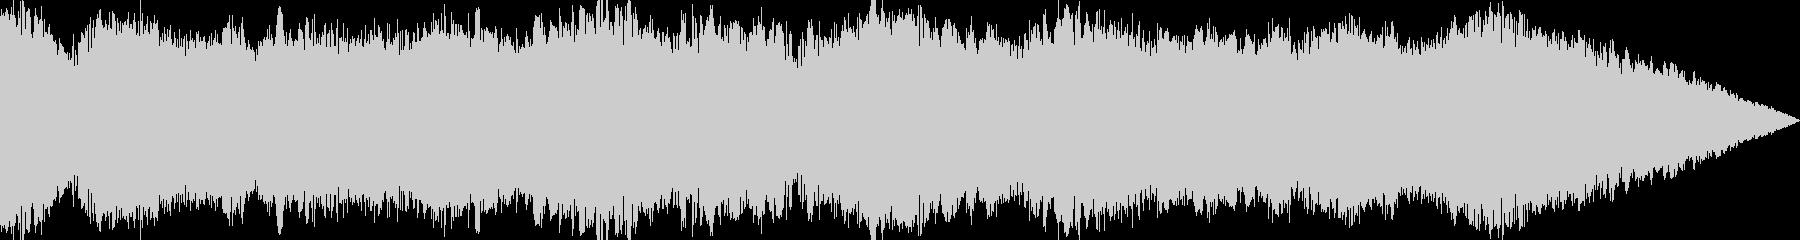 ウィーンと長くうねる効果音の未再生の波形